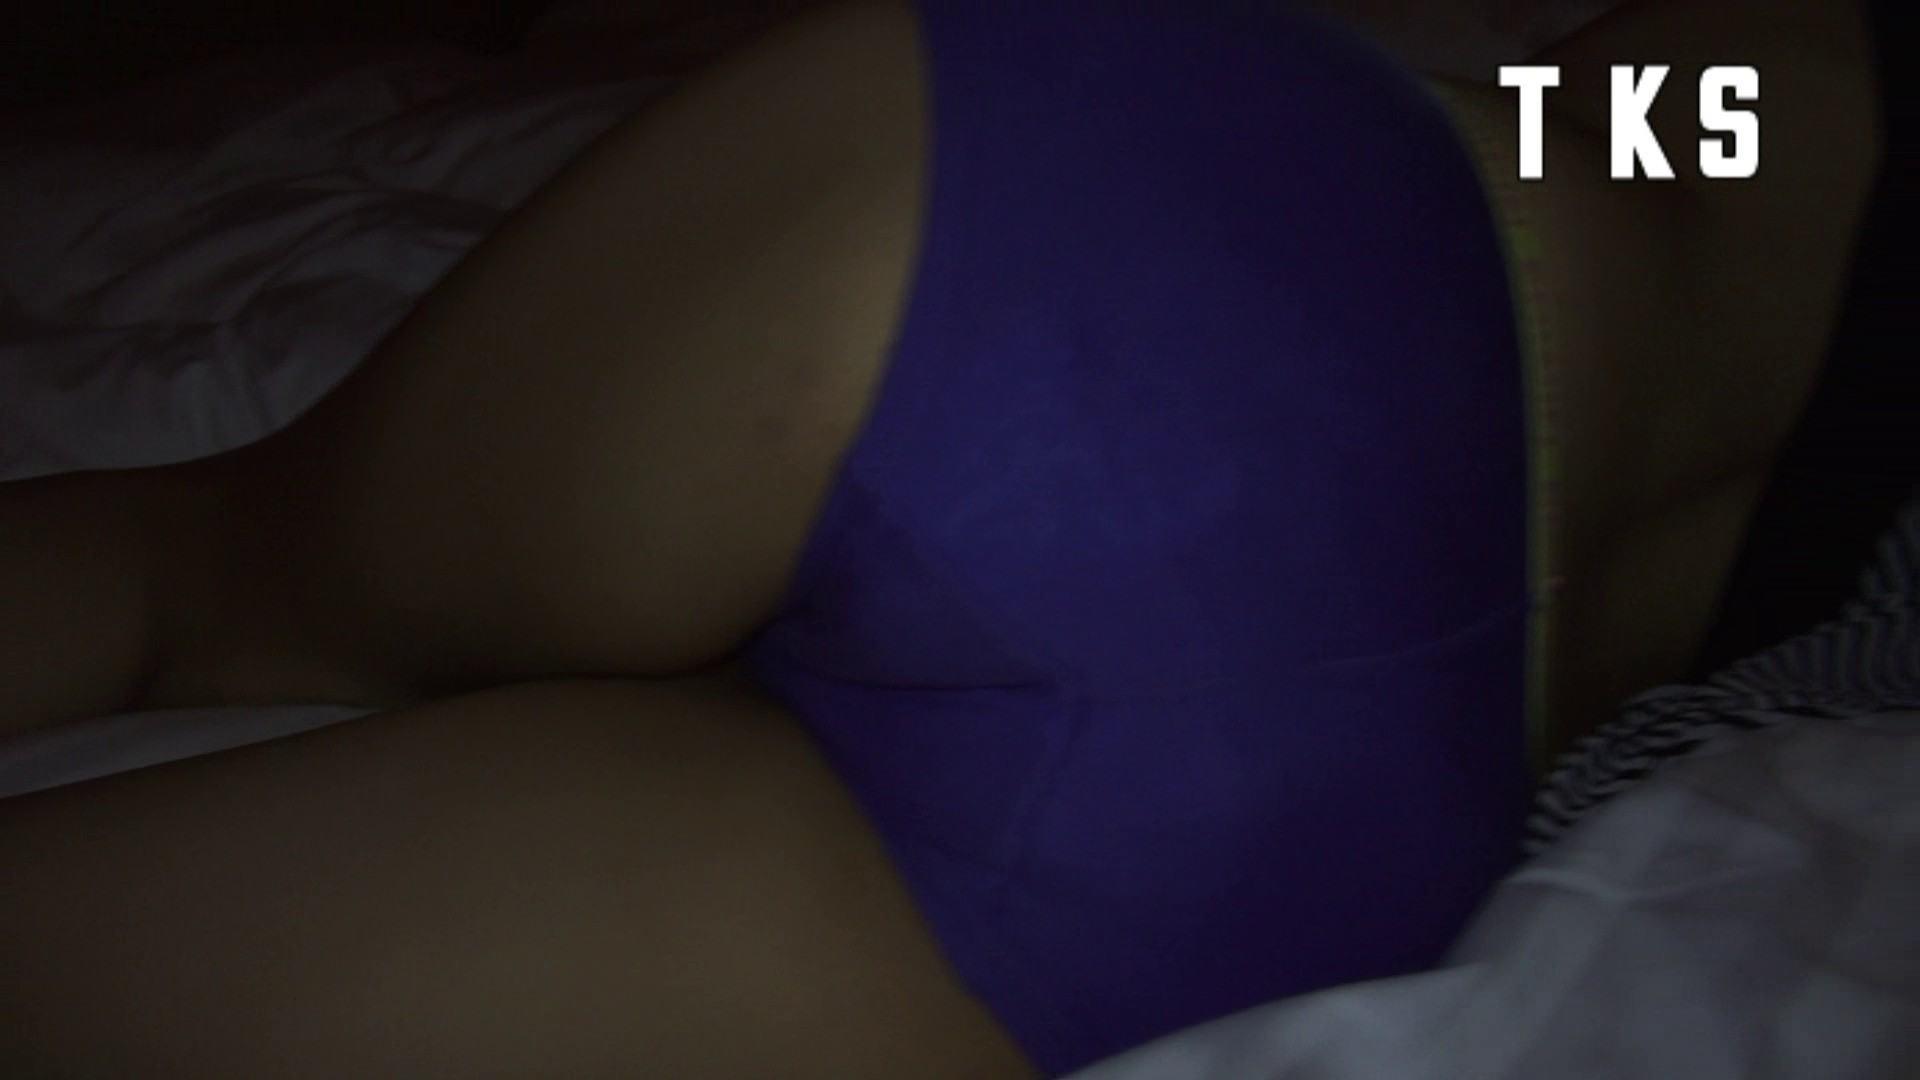 じっくり脱がしておっぱいまで悪戯行きます。(TKSさん投稿) 悪戯 ワレメ無修正動画無料 71pic 55